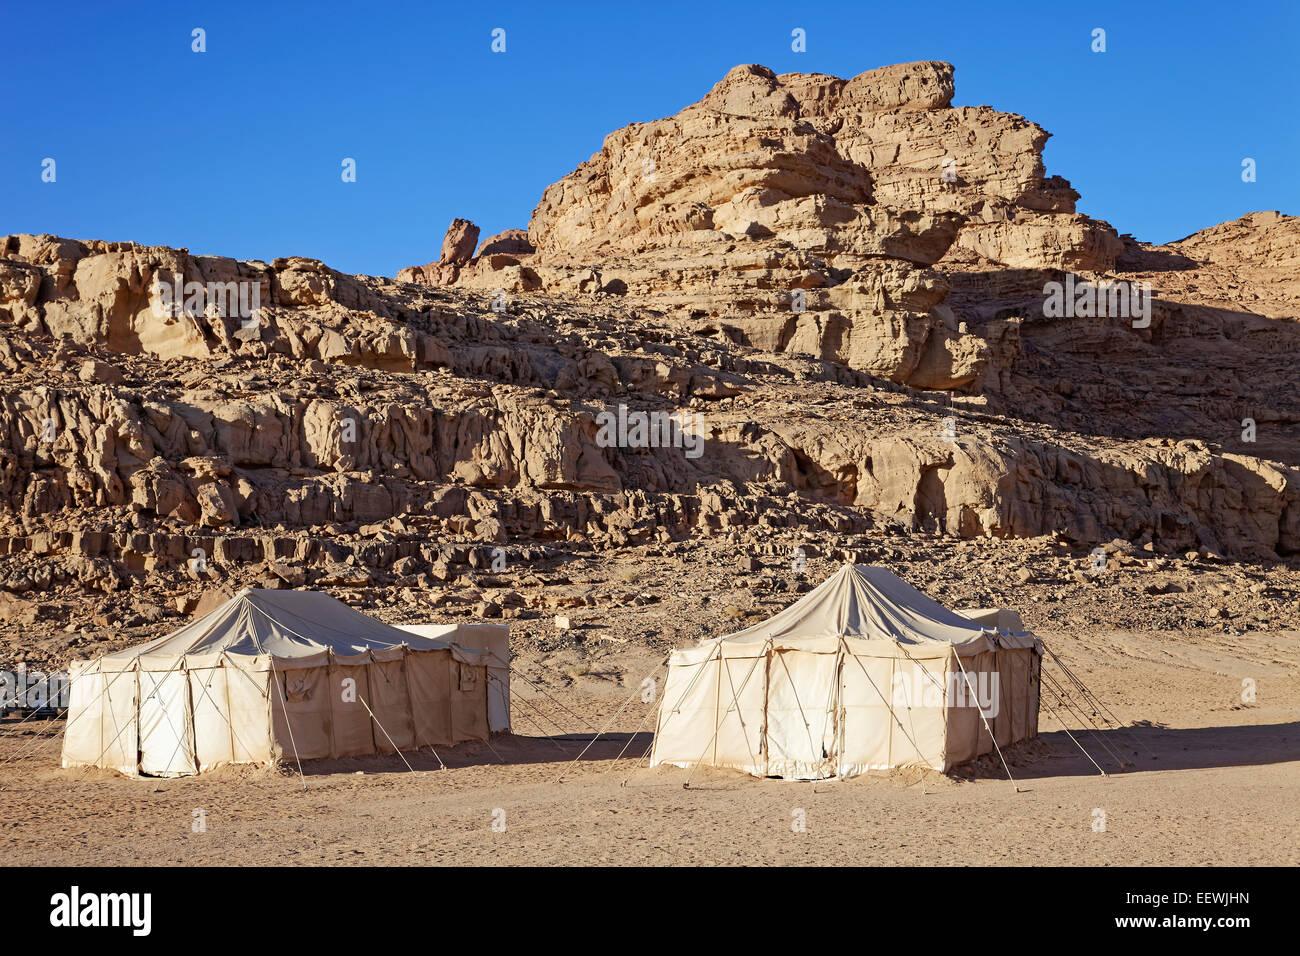 Zelte, Lager für Touristen, Felsen, Wadi Rum, Jordanien Stockbild